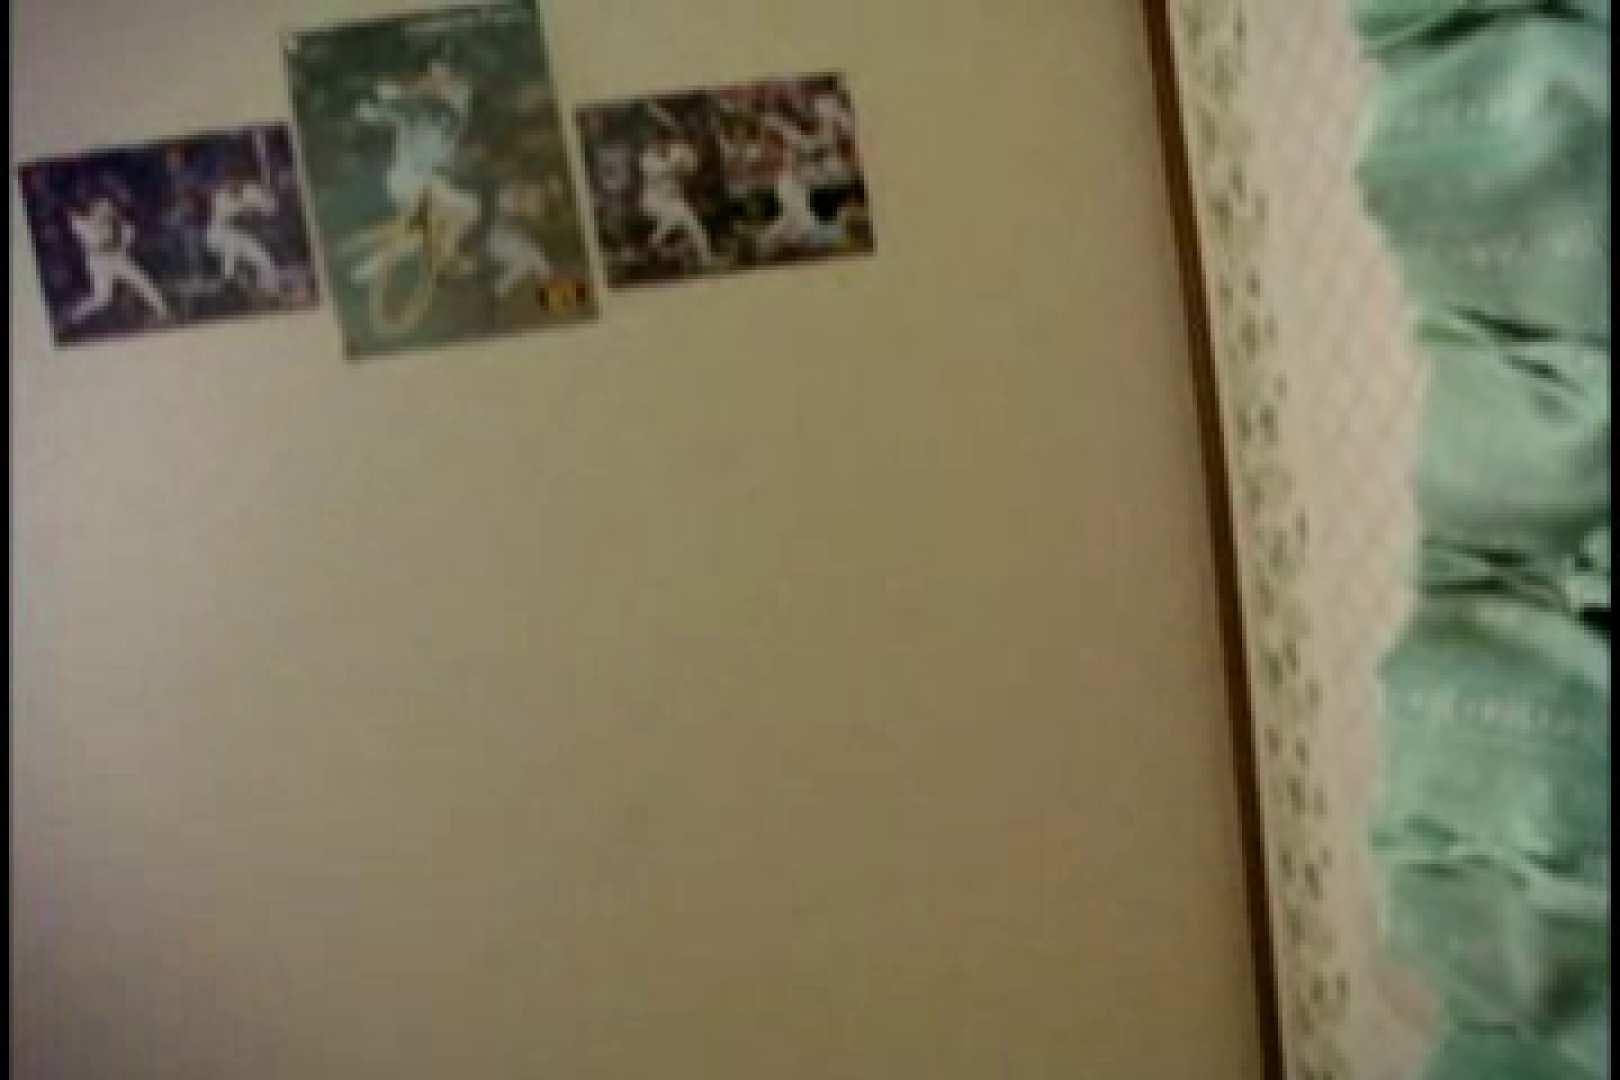 オナ好きノンケテニス部員の自画撮り投稿vol.05 オナニー | 愛するノンケ  13枚 12